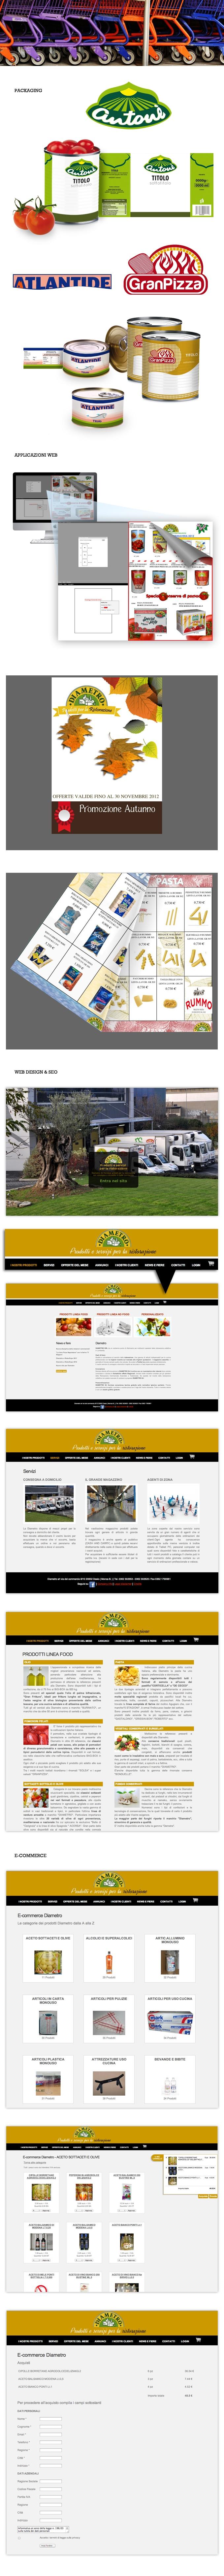 DIAMETRO SRL - Web design, SEO, Applicazioni Web, Naming, Packaging, E-commerce - Una Applicazione Web a portata di mano? Noi l'abbiamo realizzata su misura. Diametro può aggiornare in modo dinamico e veloce i cataloghi delle offerte da pubblicare sul web e da stampare in Alta risoluzione. Questa Applicazione gli permette di avere un database aggiornabile dei prodotti e di gestire la fatturazione. Abbiamo curato la sua immagine sul Web e ci stiamo occupando della creatività del packaging